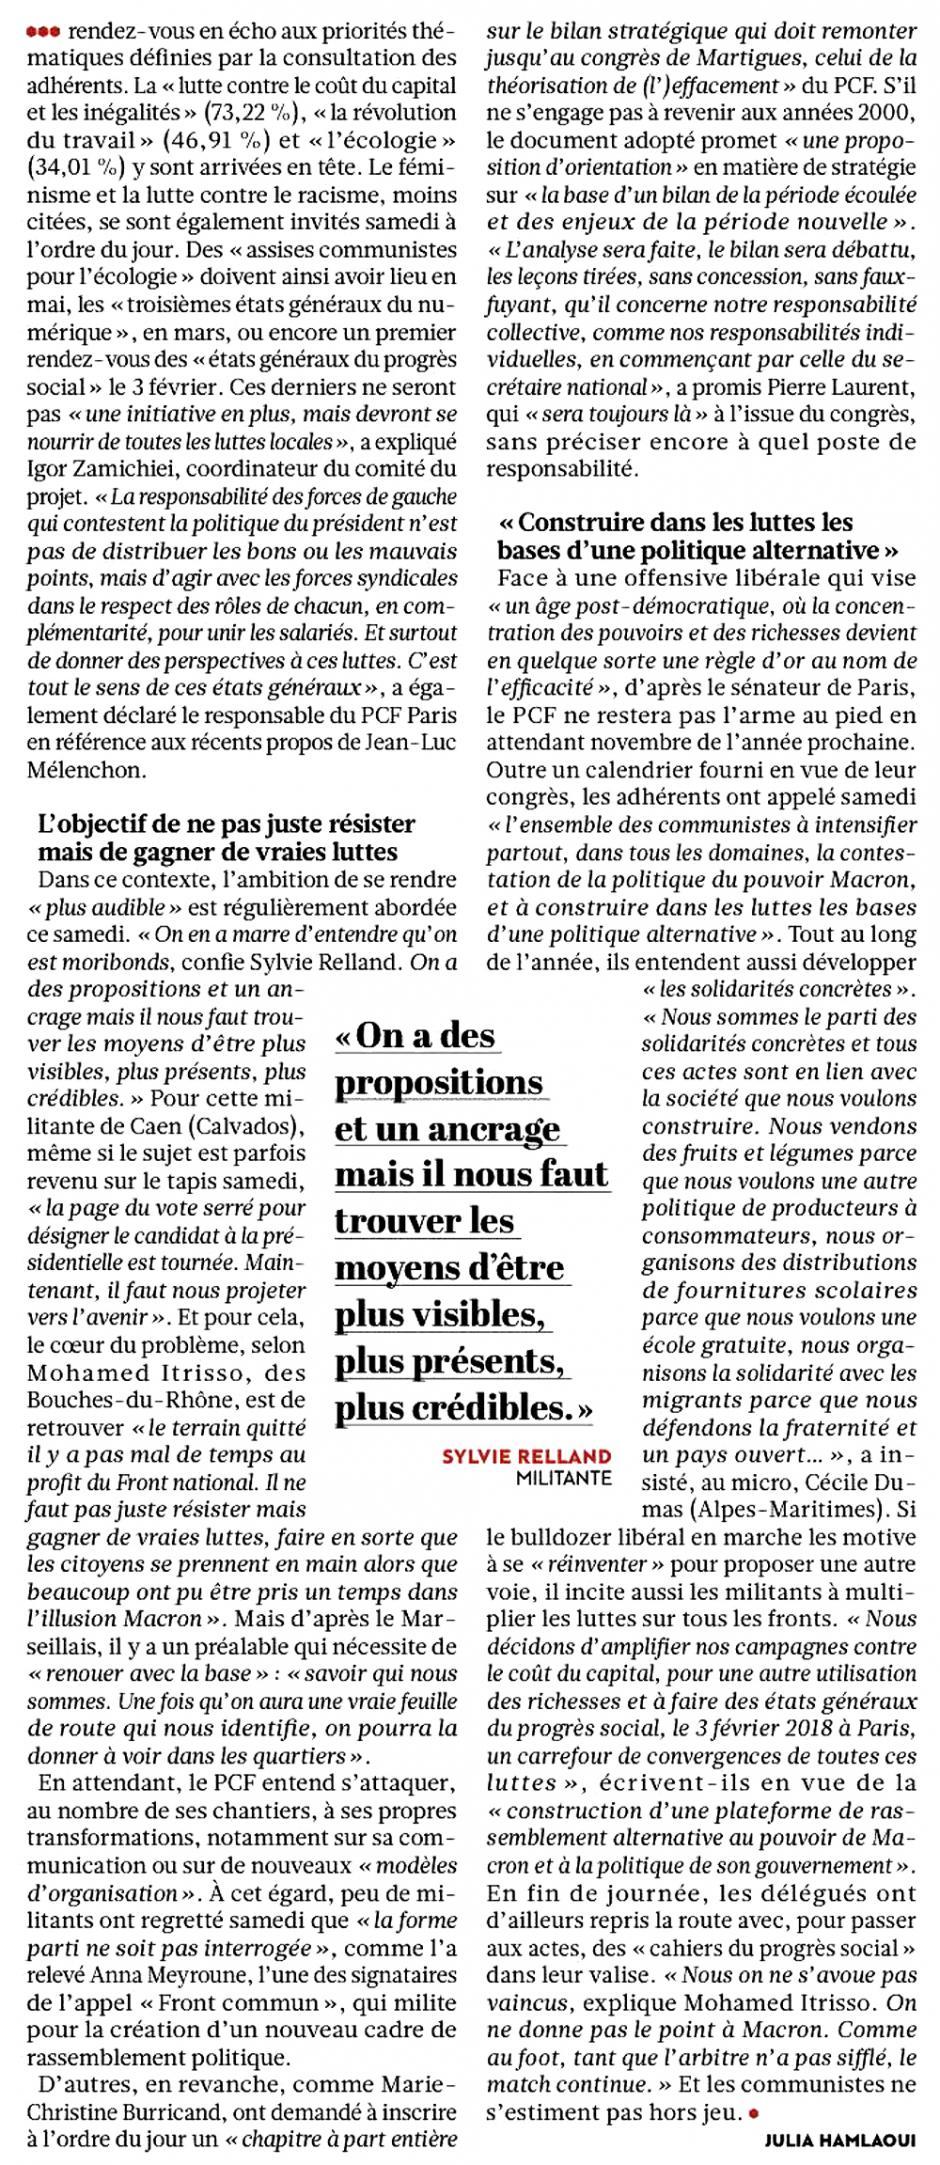 20171120-L'Huma-France-Le PCF se donne les moyens d'une « Rêvolution »